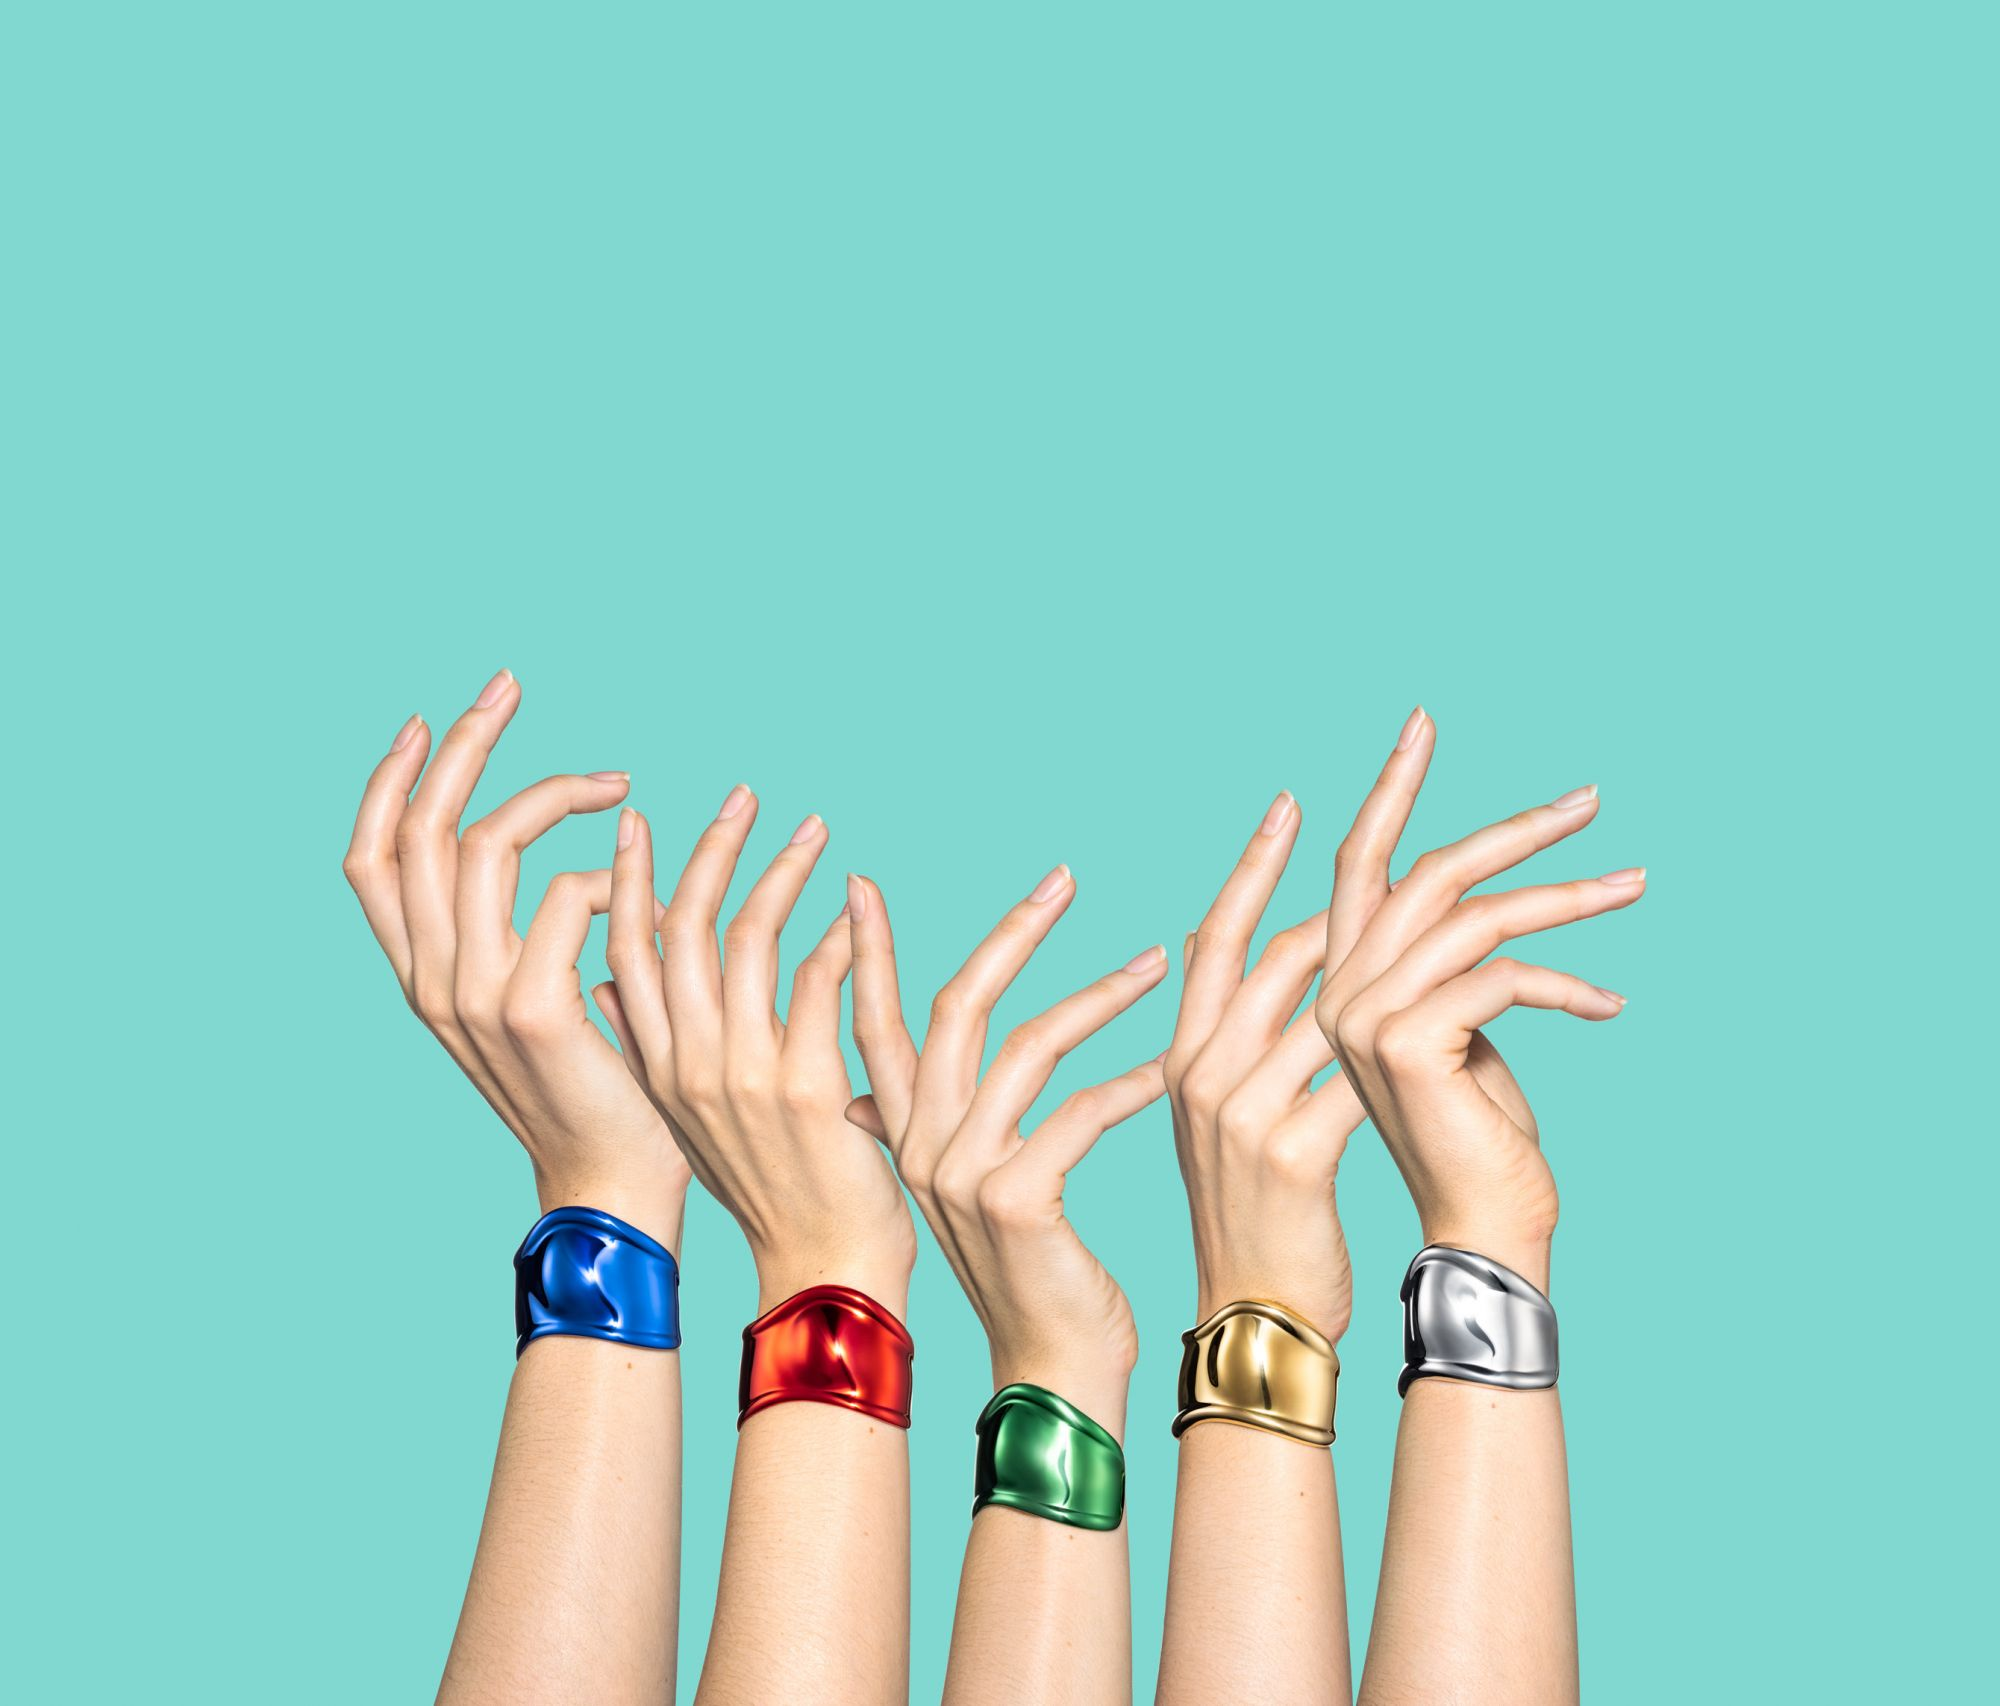 Tiffany & Co Reimagines the Iconic Elsa Peretti Bone Cuffs for its 50th Anniversary